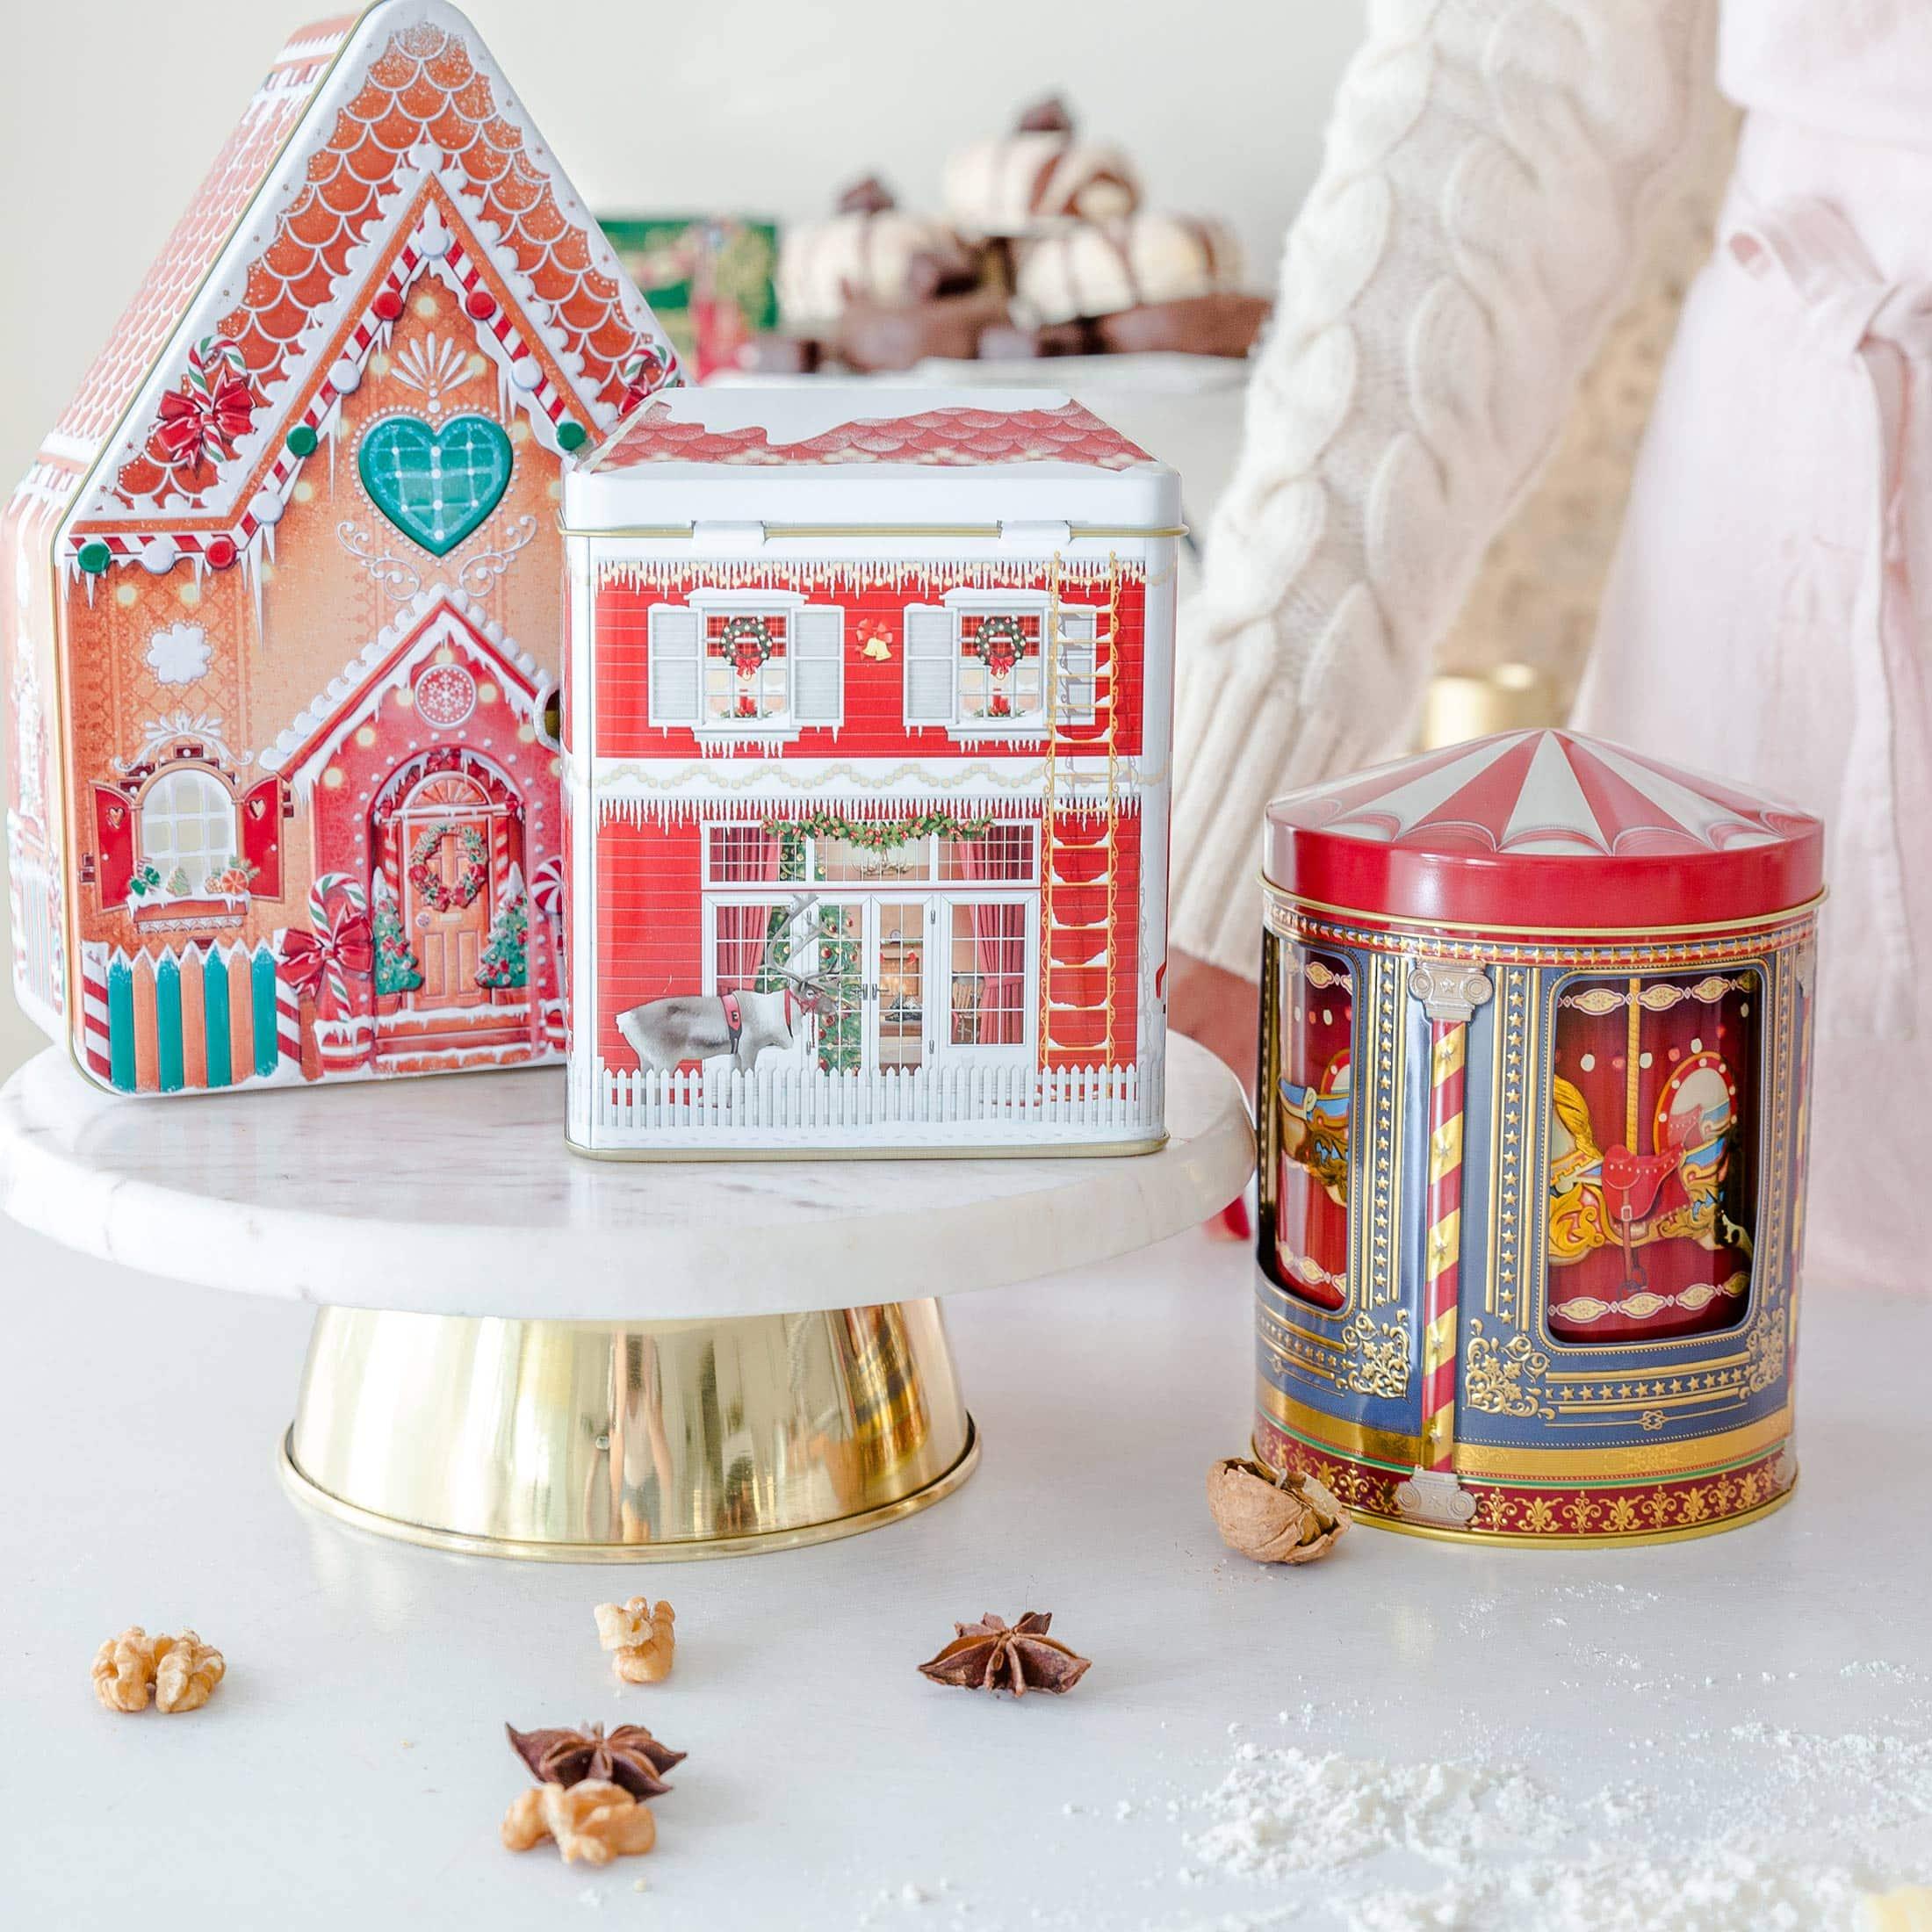 Dose für Kekse und die Weihnachtsbäckerei in Form eines Hauses ♥ Besondere Keks-Dosen für Plätzchen online kaufen ♥ Onlineshop Soulbirdee